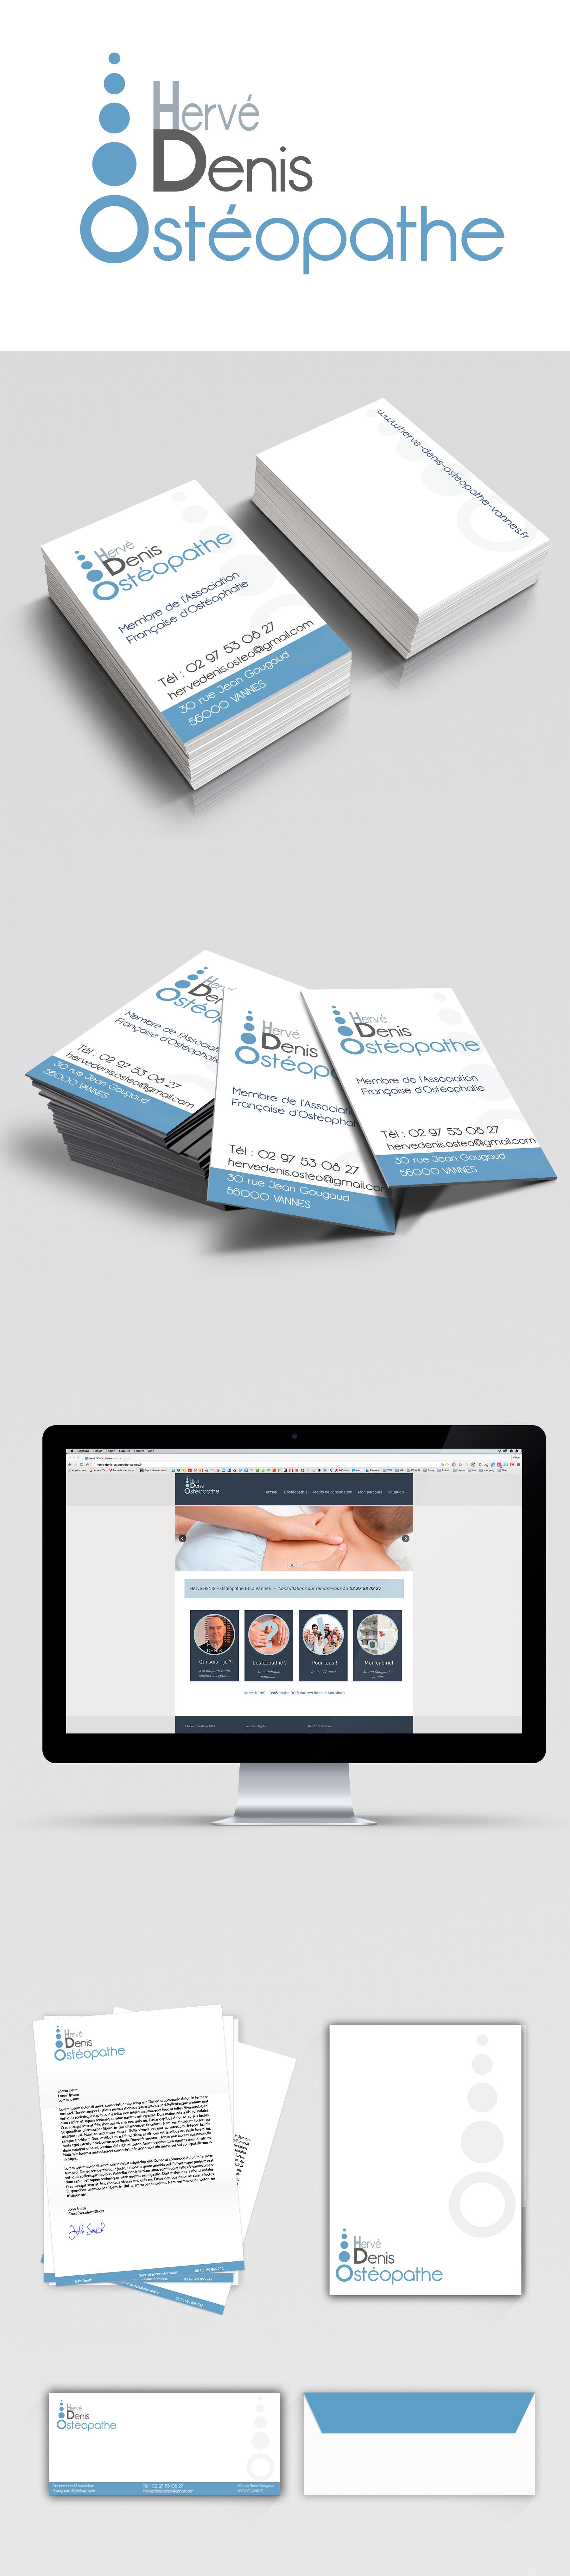 Logo Identitaire Carte De Visite Et Site Web Pour Herve Denis Osteopathe A Vannes